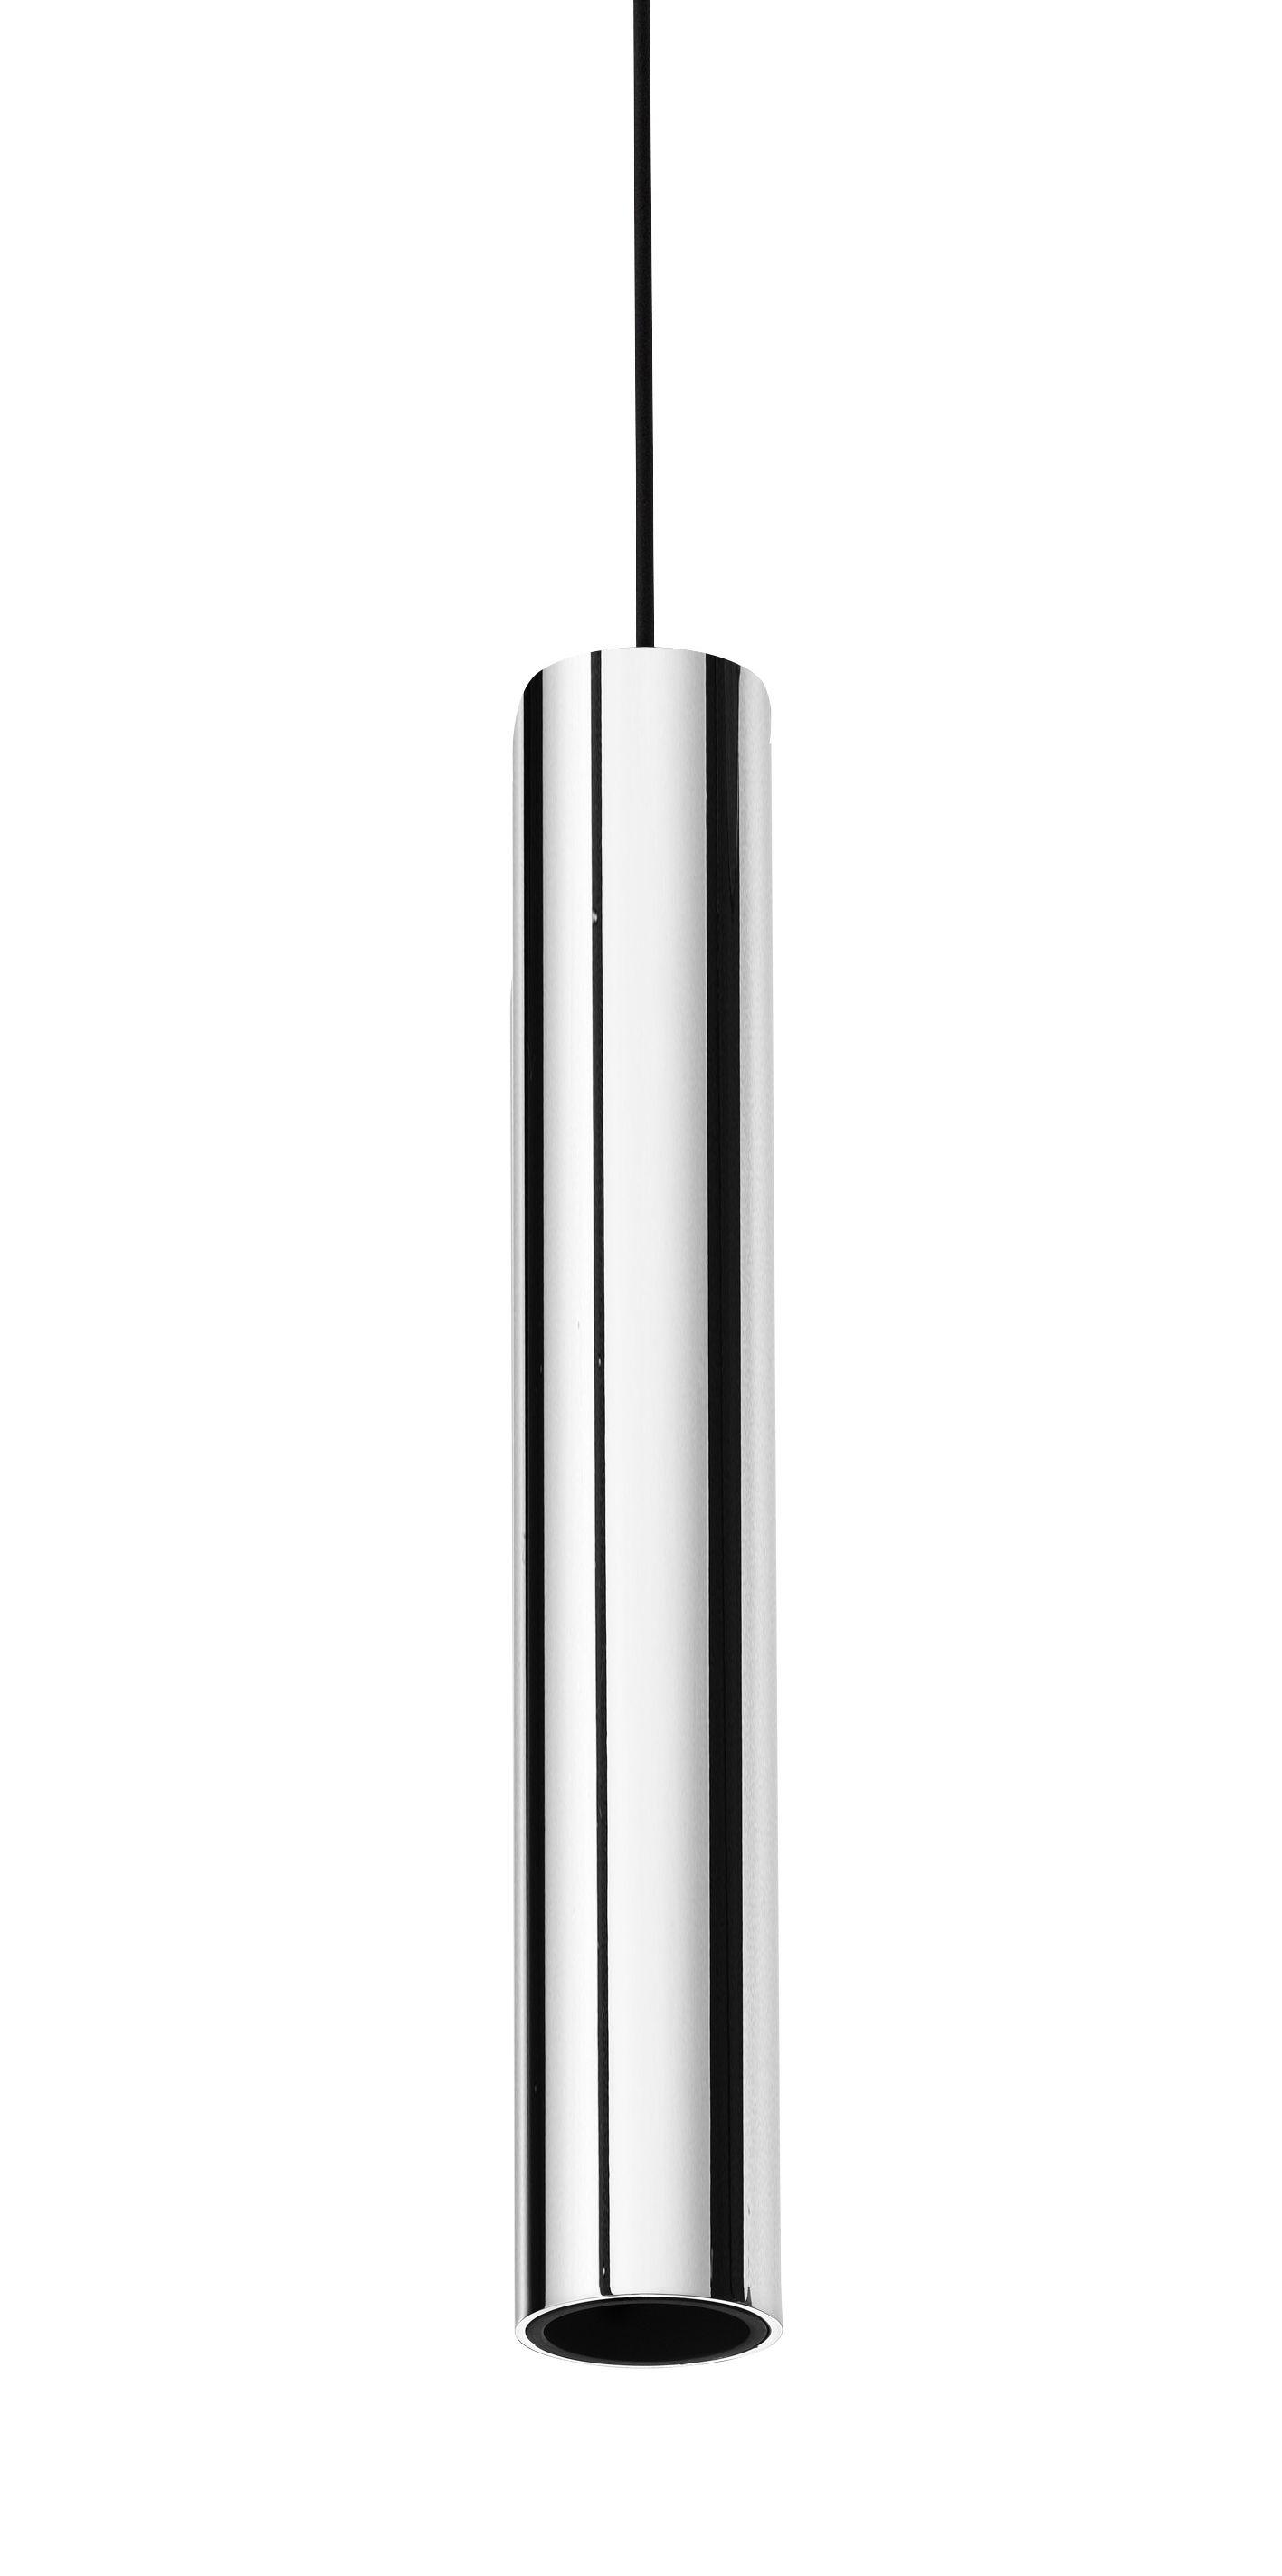 Luminaire - Suspensions - Suspension Find Me LED - Flos - Chromé - Aluminium